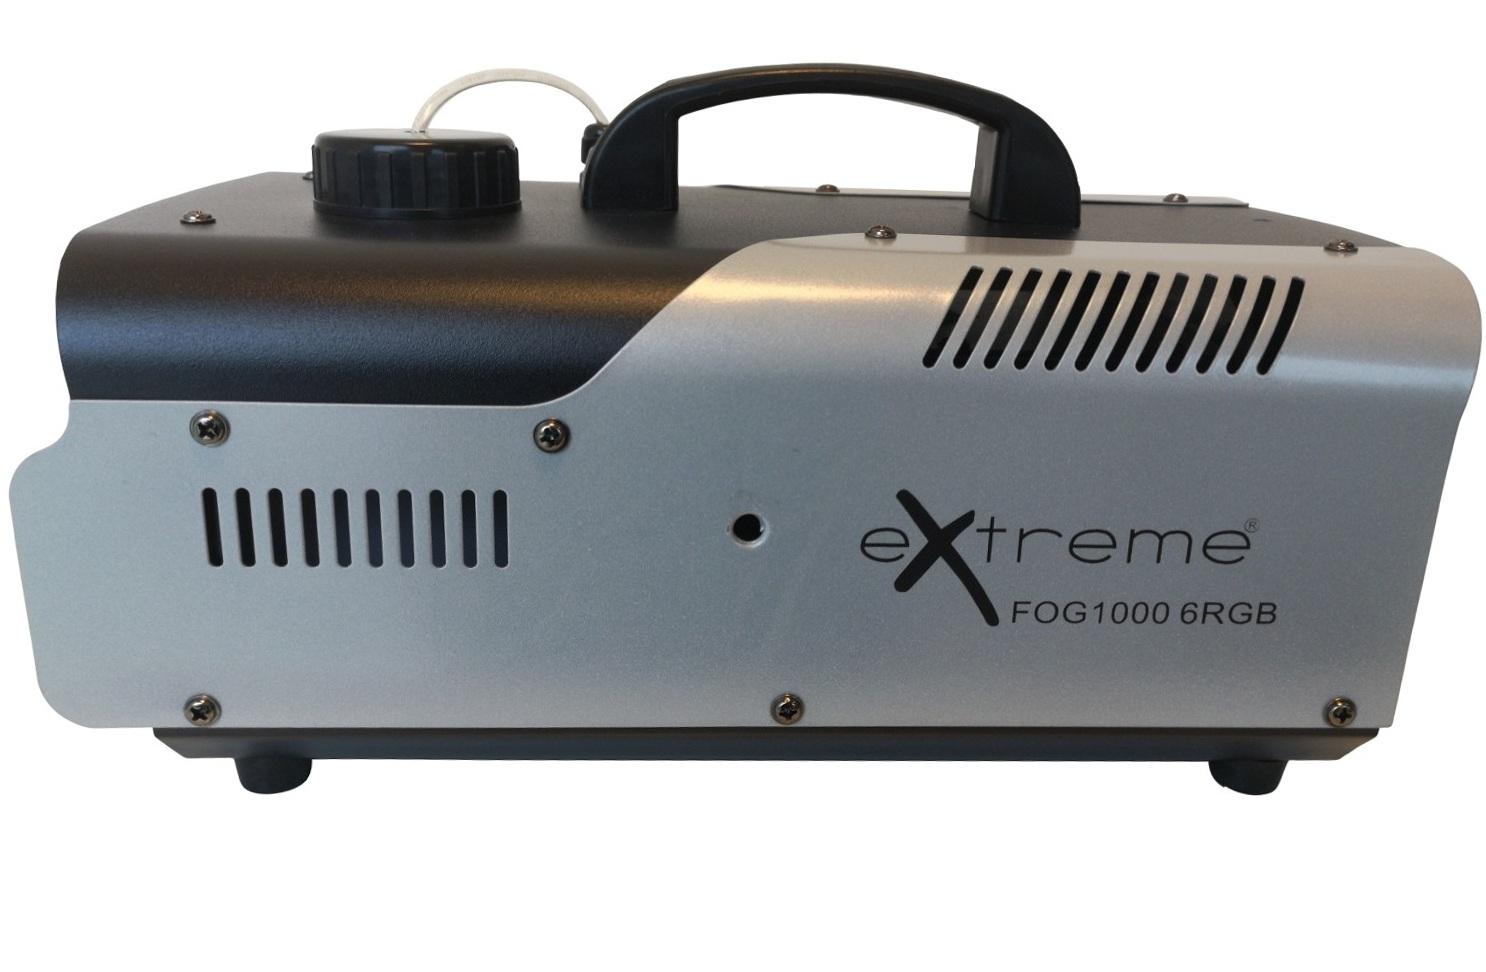 EXTREME FOG 1000 6RGB MACCHINA DEL FUMO 1000 WATT CON 6 LED DA 3 WATT RGB CONTROLLO WIRELESS 1